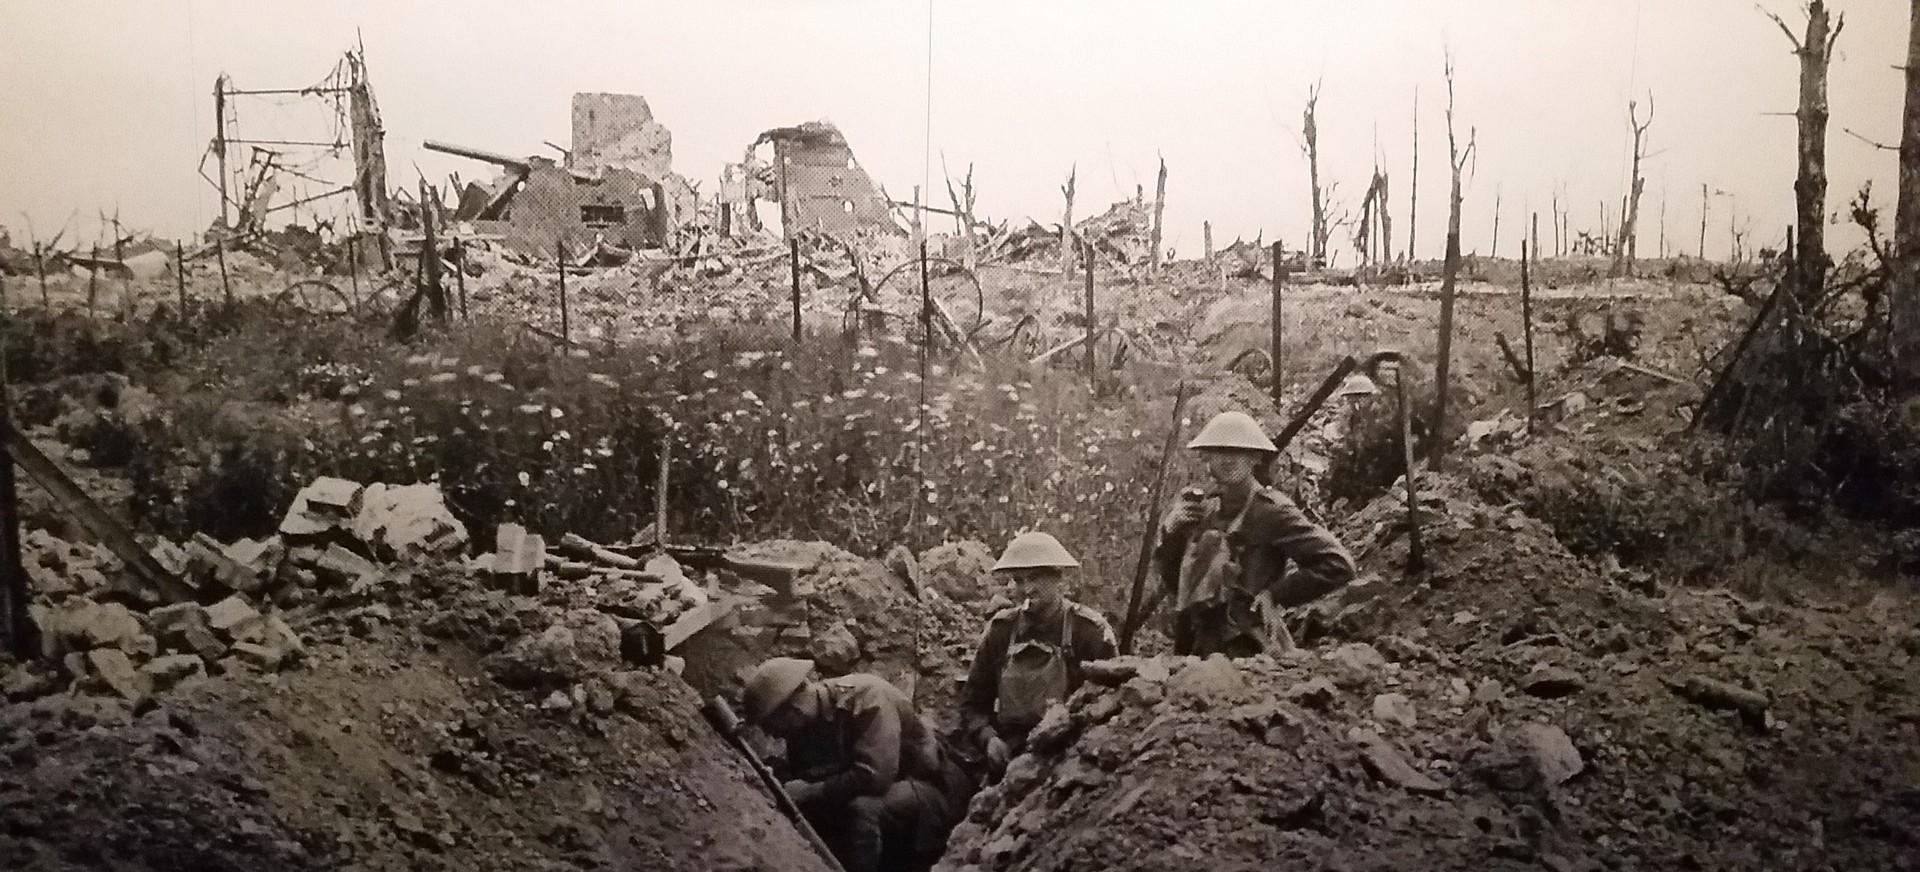 GMINA BESKO: Efektowna rekonstrukcja bitwy Mymoń 1915